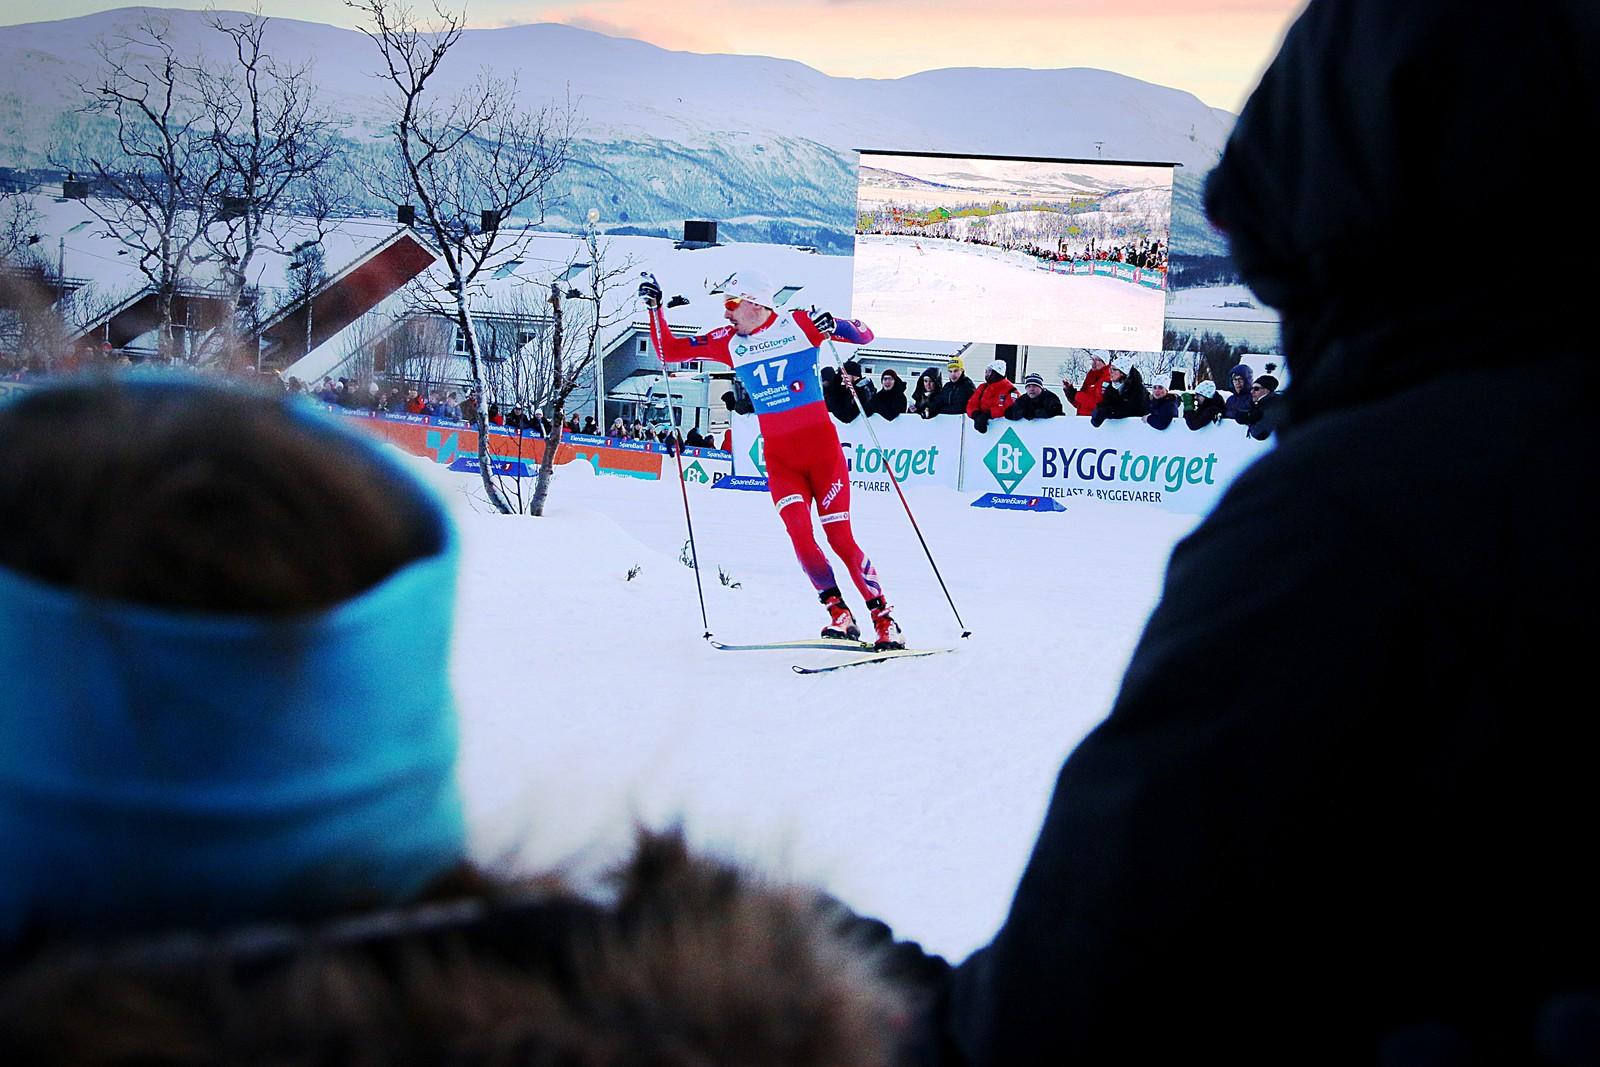 Finn-Hågen Krogh vant NM-sprinten enkelt. I kvartfinalen var han så overlegen i sitt heat at han måtte se seg tilbake etter konkurrentene.